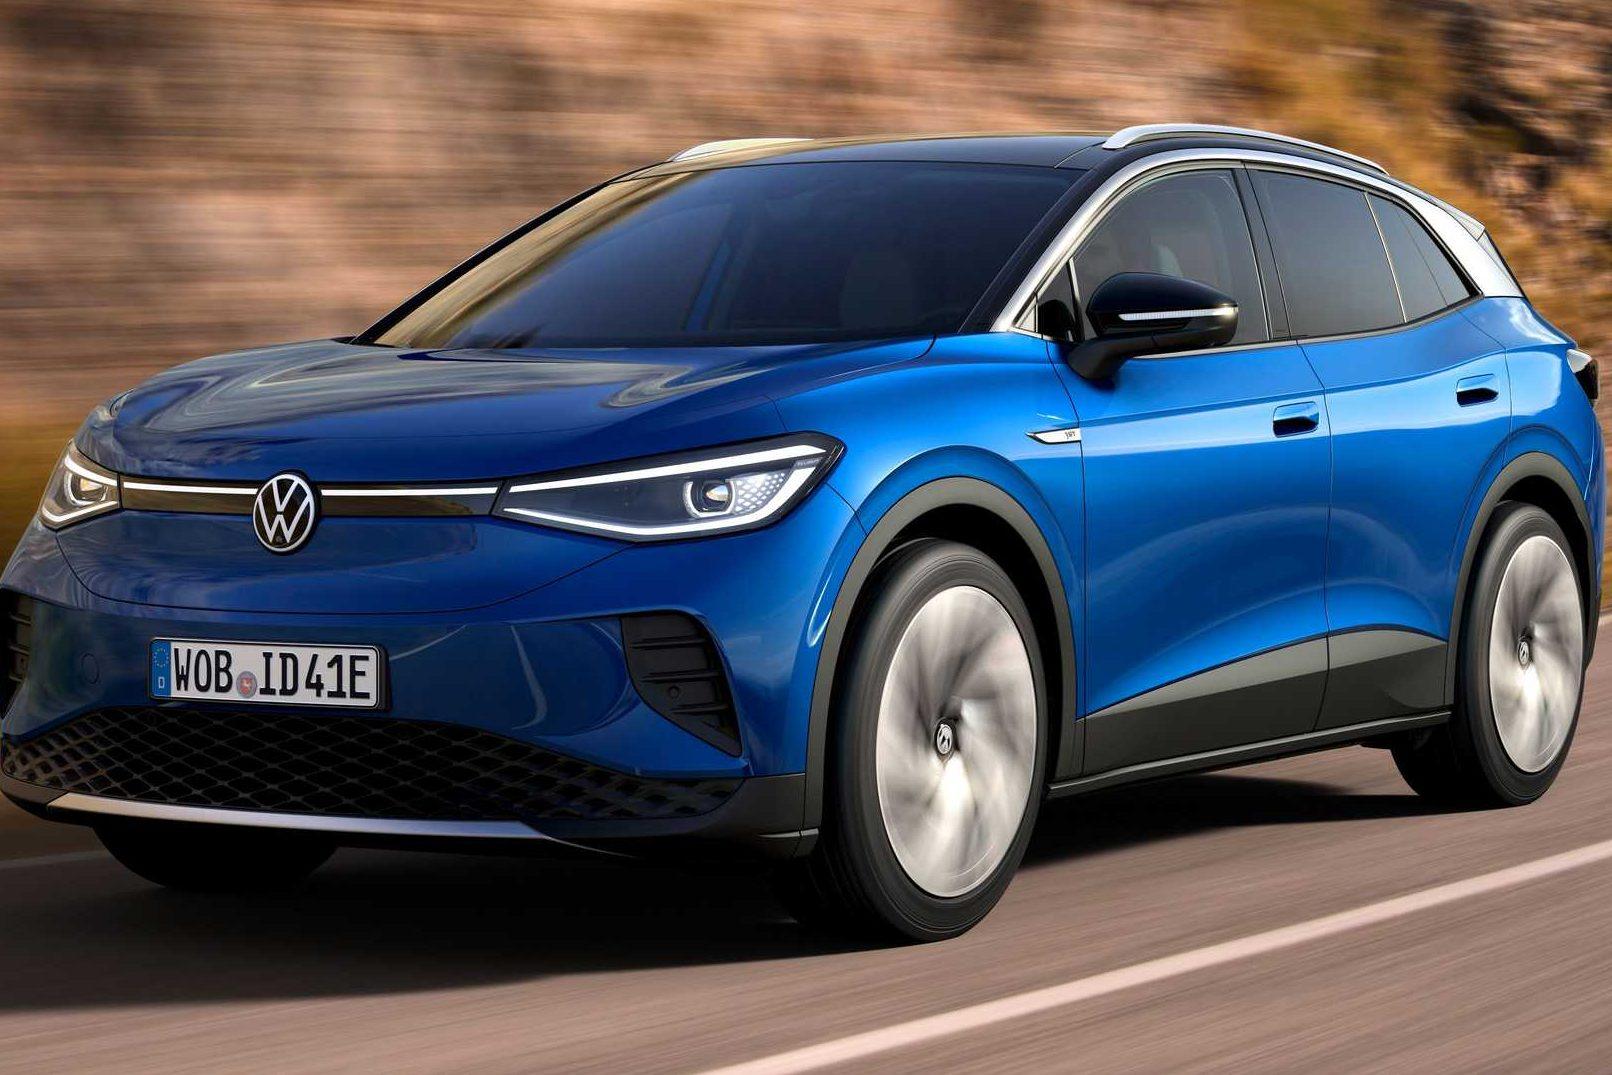 Volkswagen ID.4 é novo elétrico 'anti-Tesla' alemão que pode vir ao Brasil